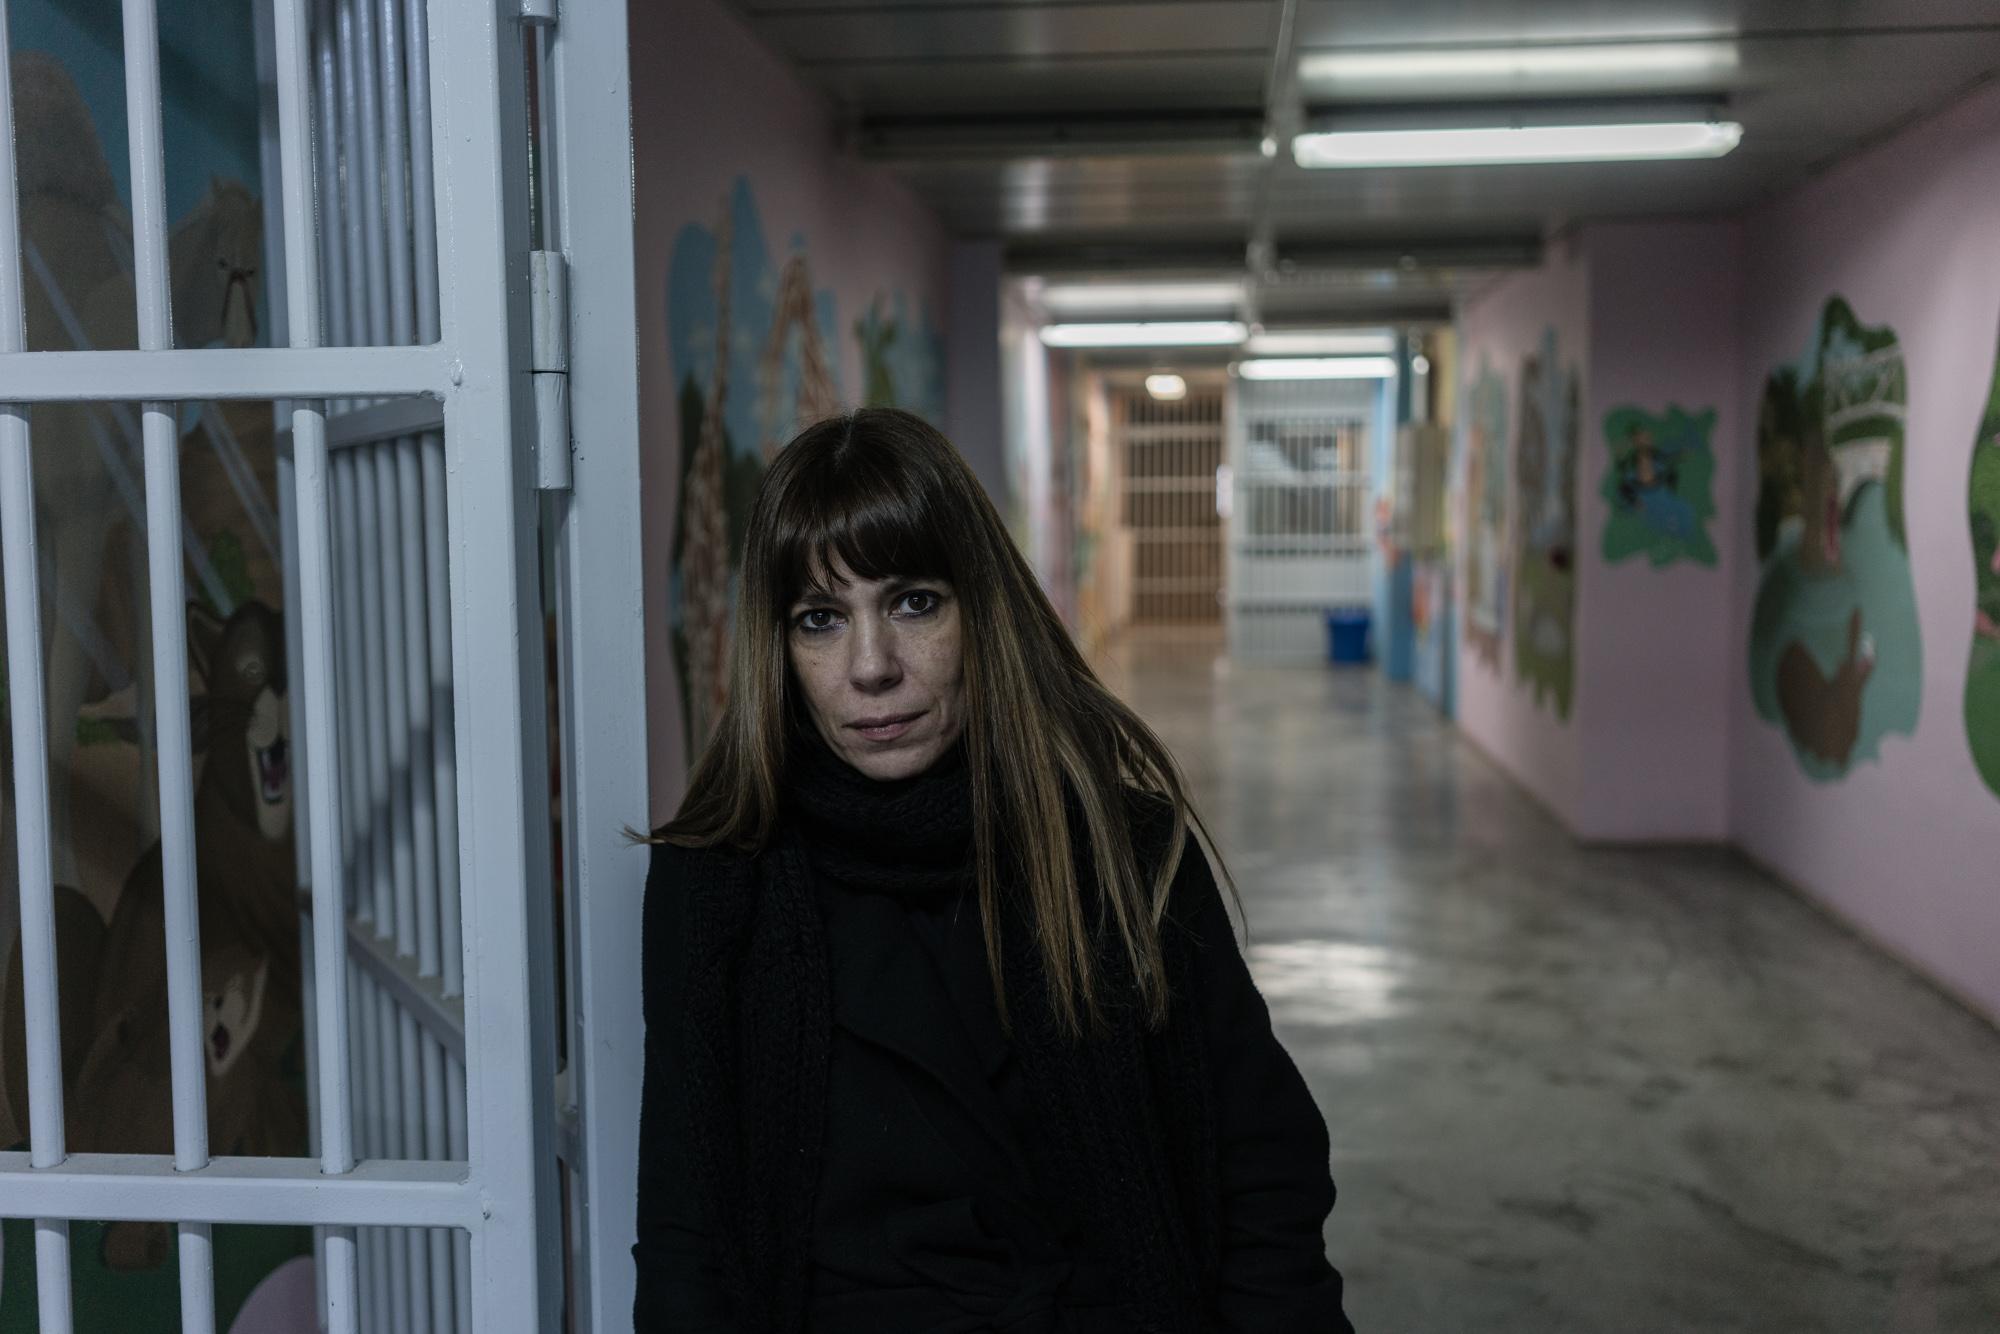 φυλακή πορνό ταινίες σπιτικό μαμά πορνό κανάλι